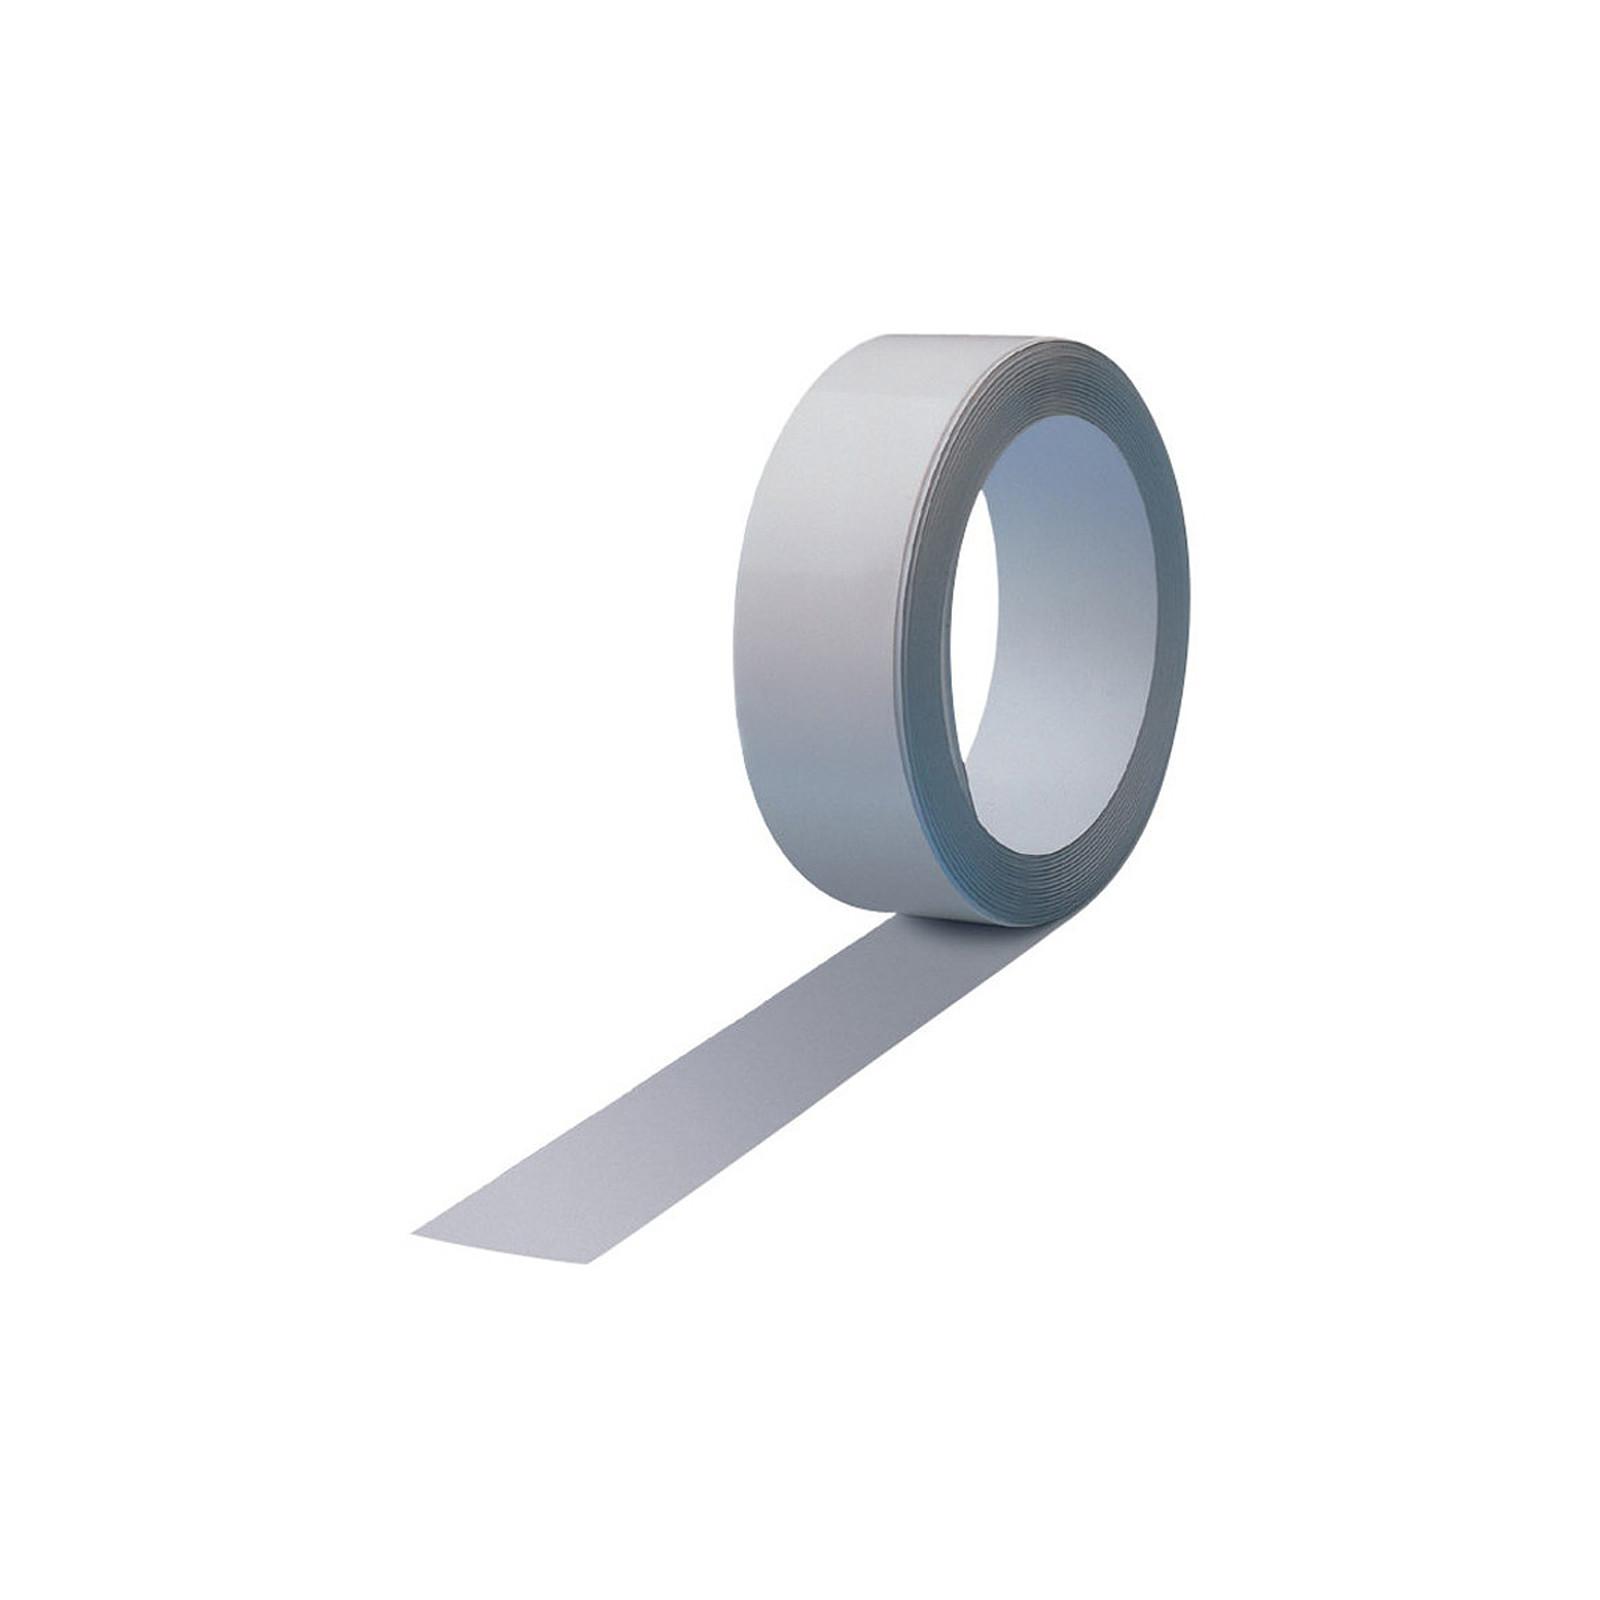 Maul Bande métallique souple 250 cm